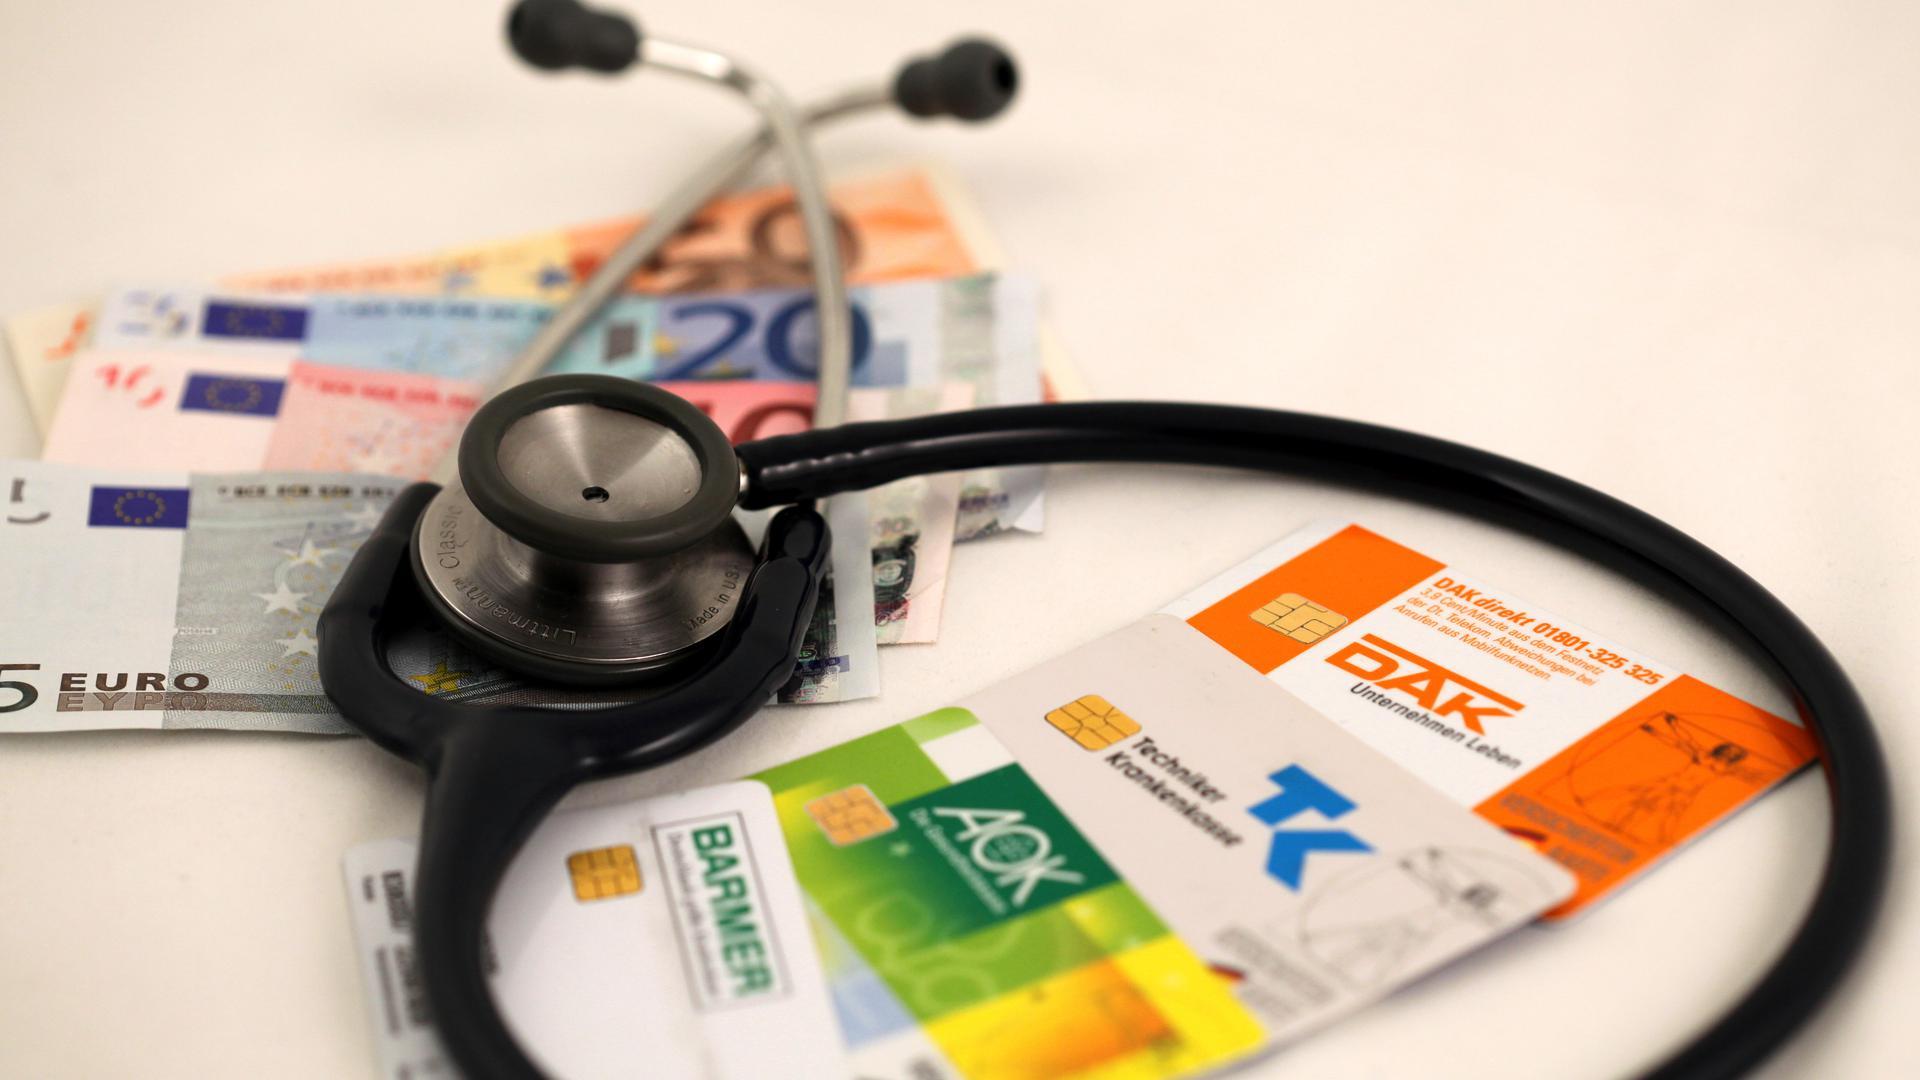 Die Versichertenkarten der Krankenkassen DAK, AOK, Barmer und Techniker-Krankenkasse TK liegen mit Euro-Geldnoten unter einem Stethoskop